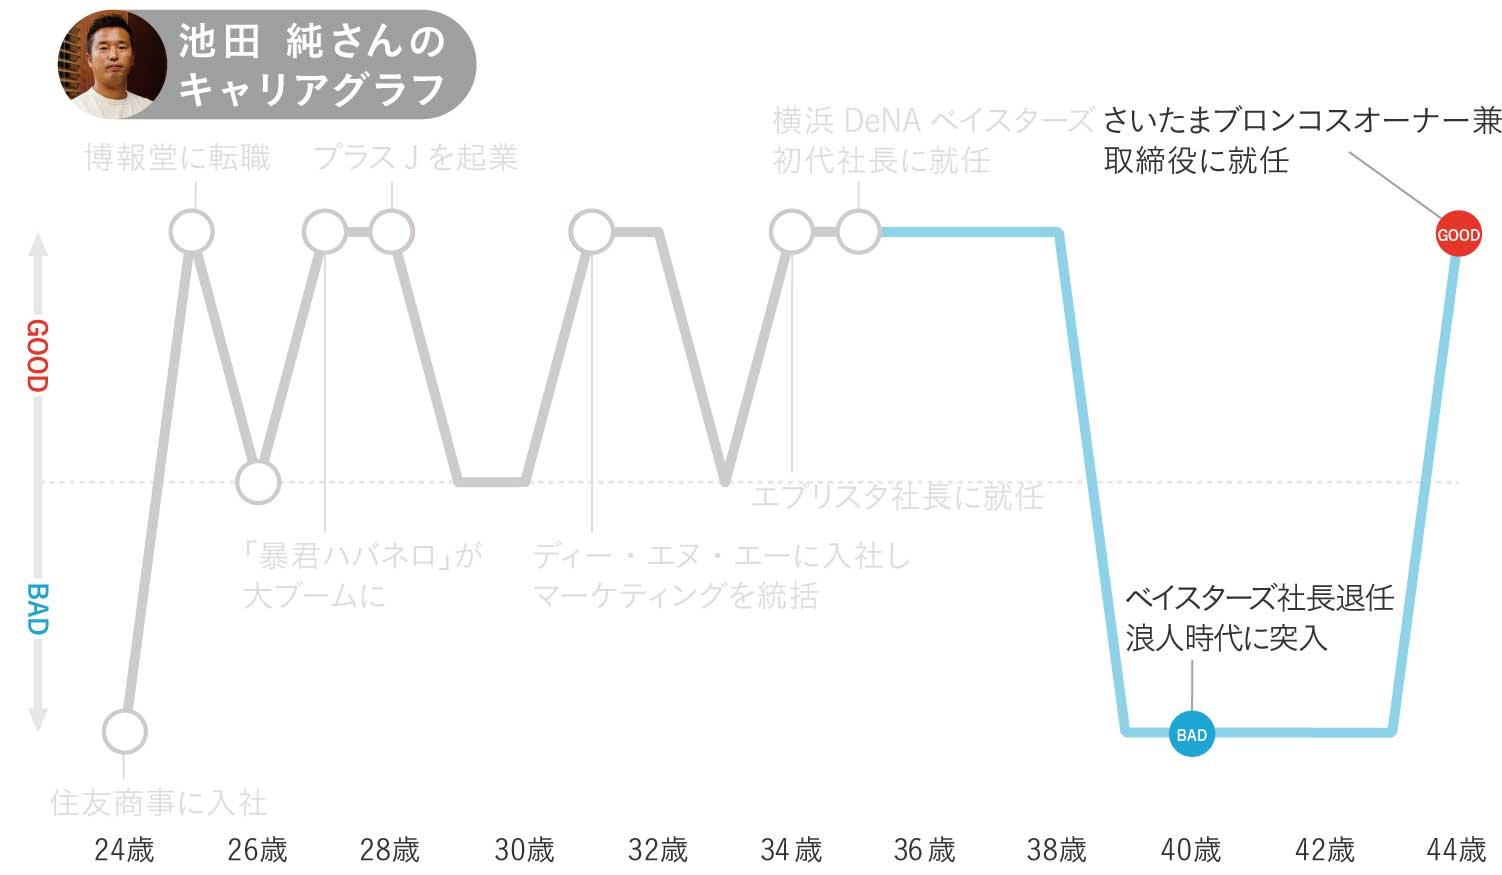 池田純さんのキャリアグラフ4